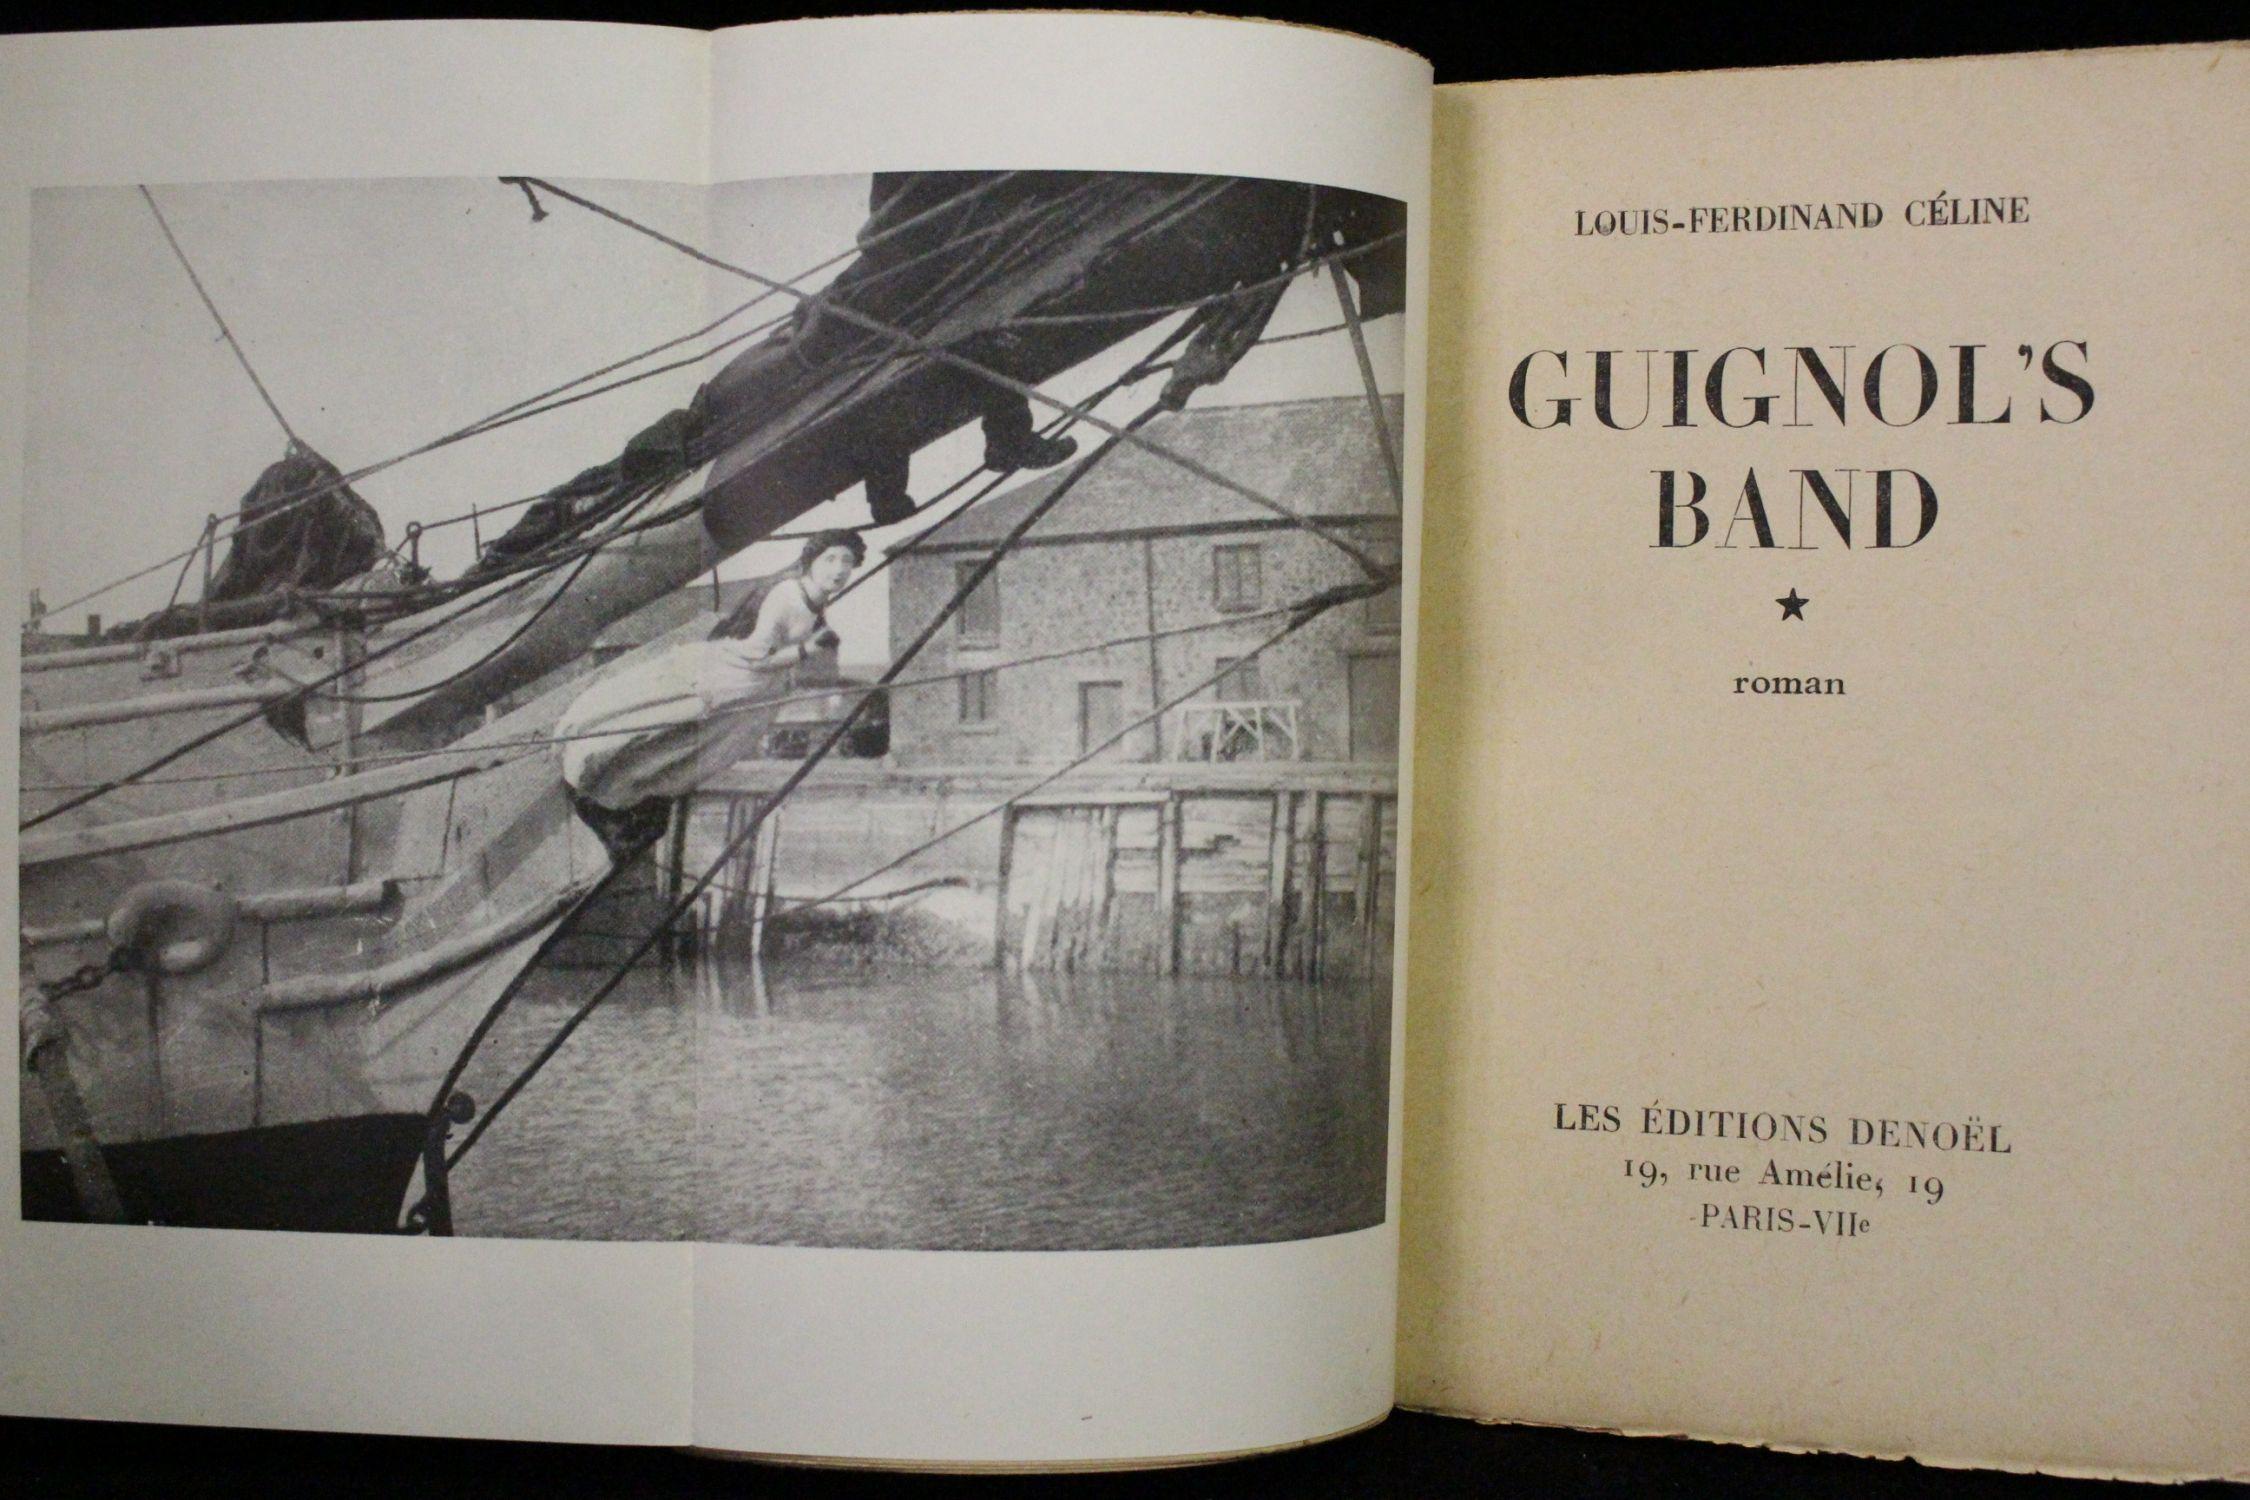 h-3000-celine_louis-ferdinand_guignols-band_1944_edition-originale_autographe_5_41151